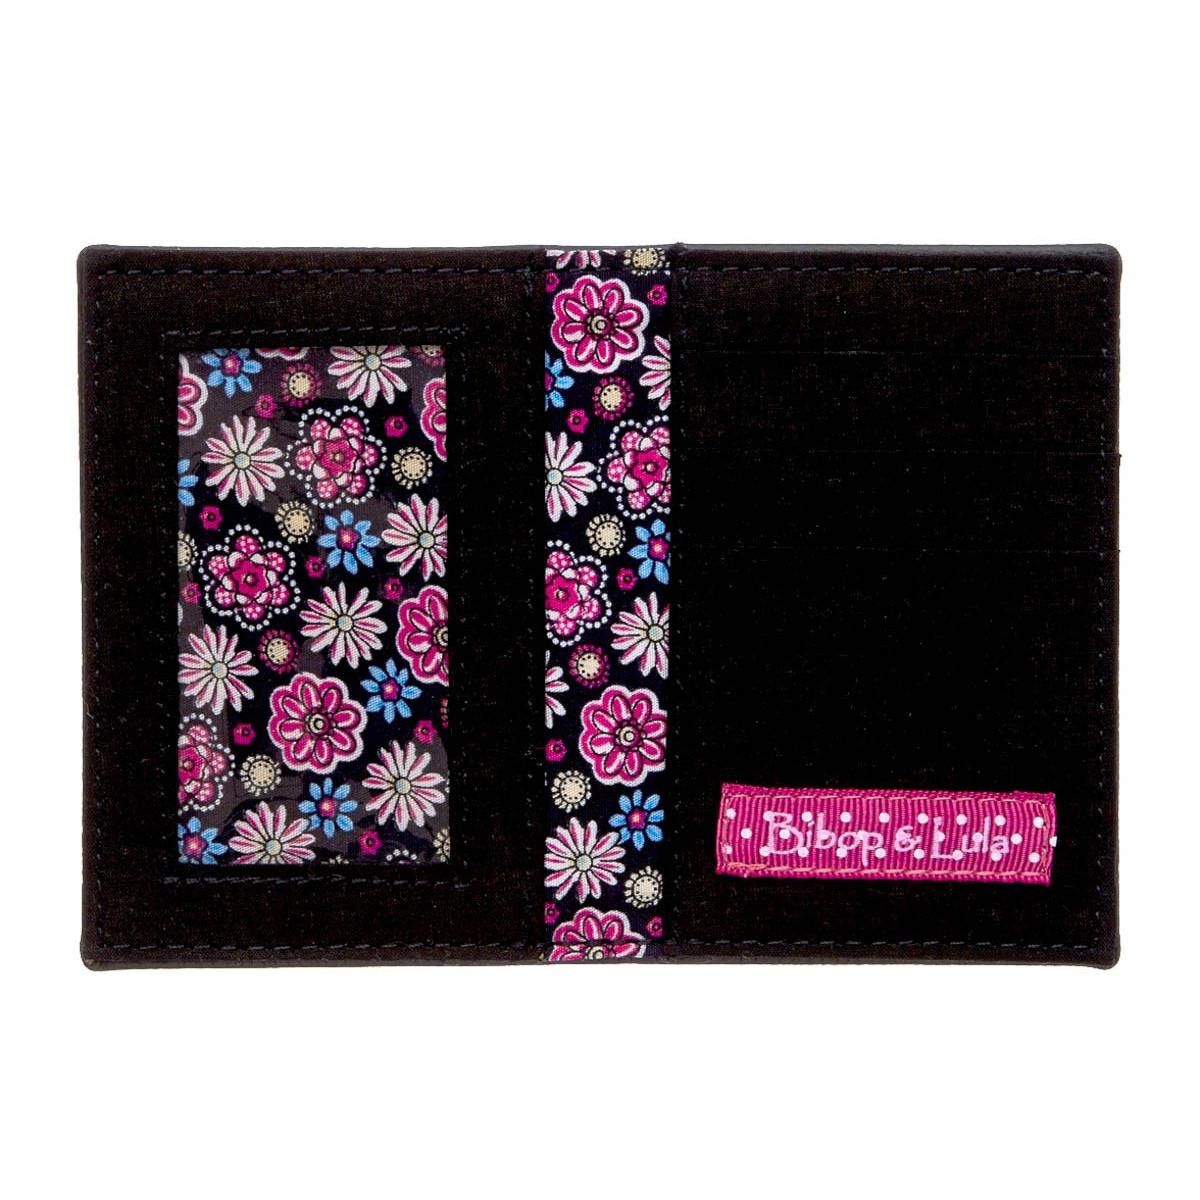 Porte-cartes femme original fantaisie noir fleurs